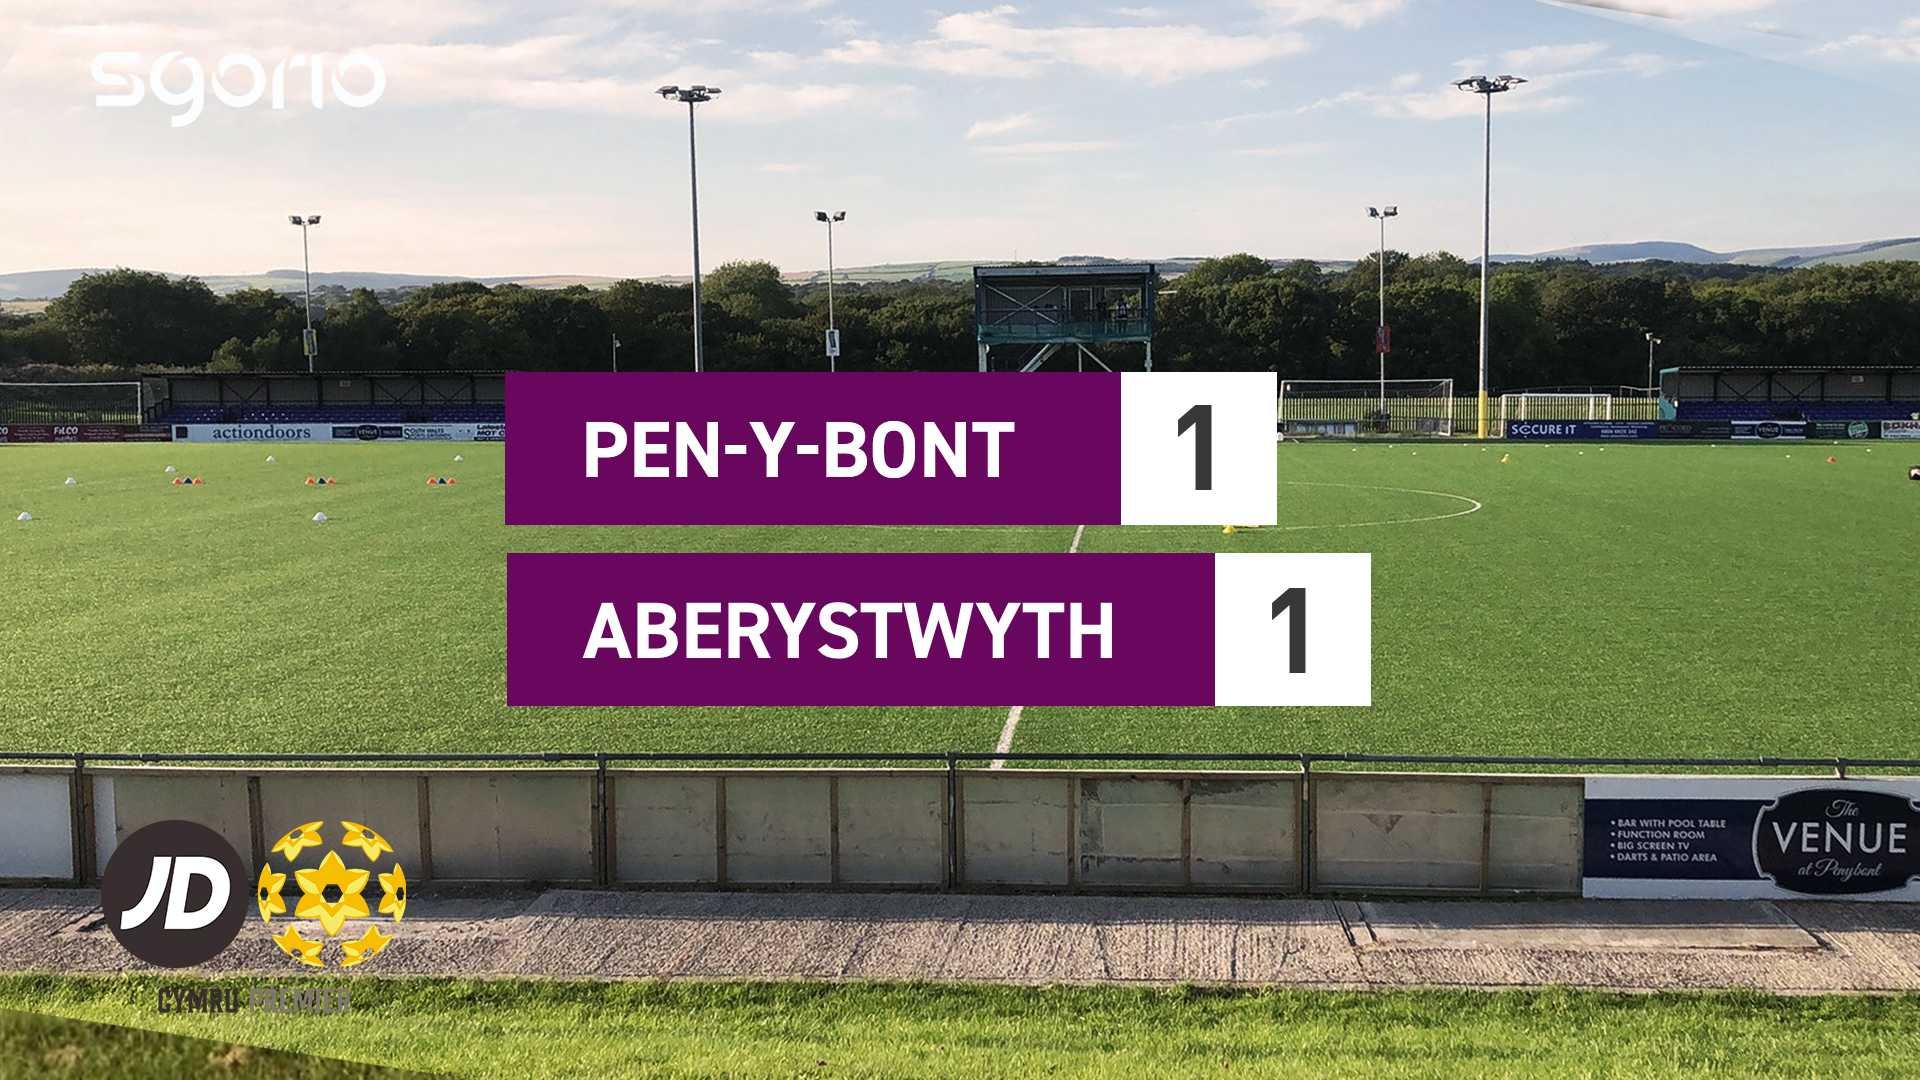 Pen-y-bont 1-1 Aberystwyth